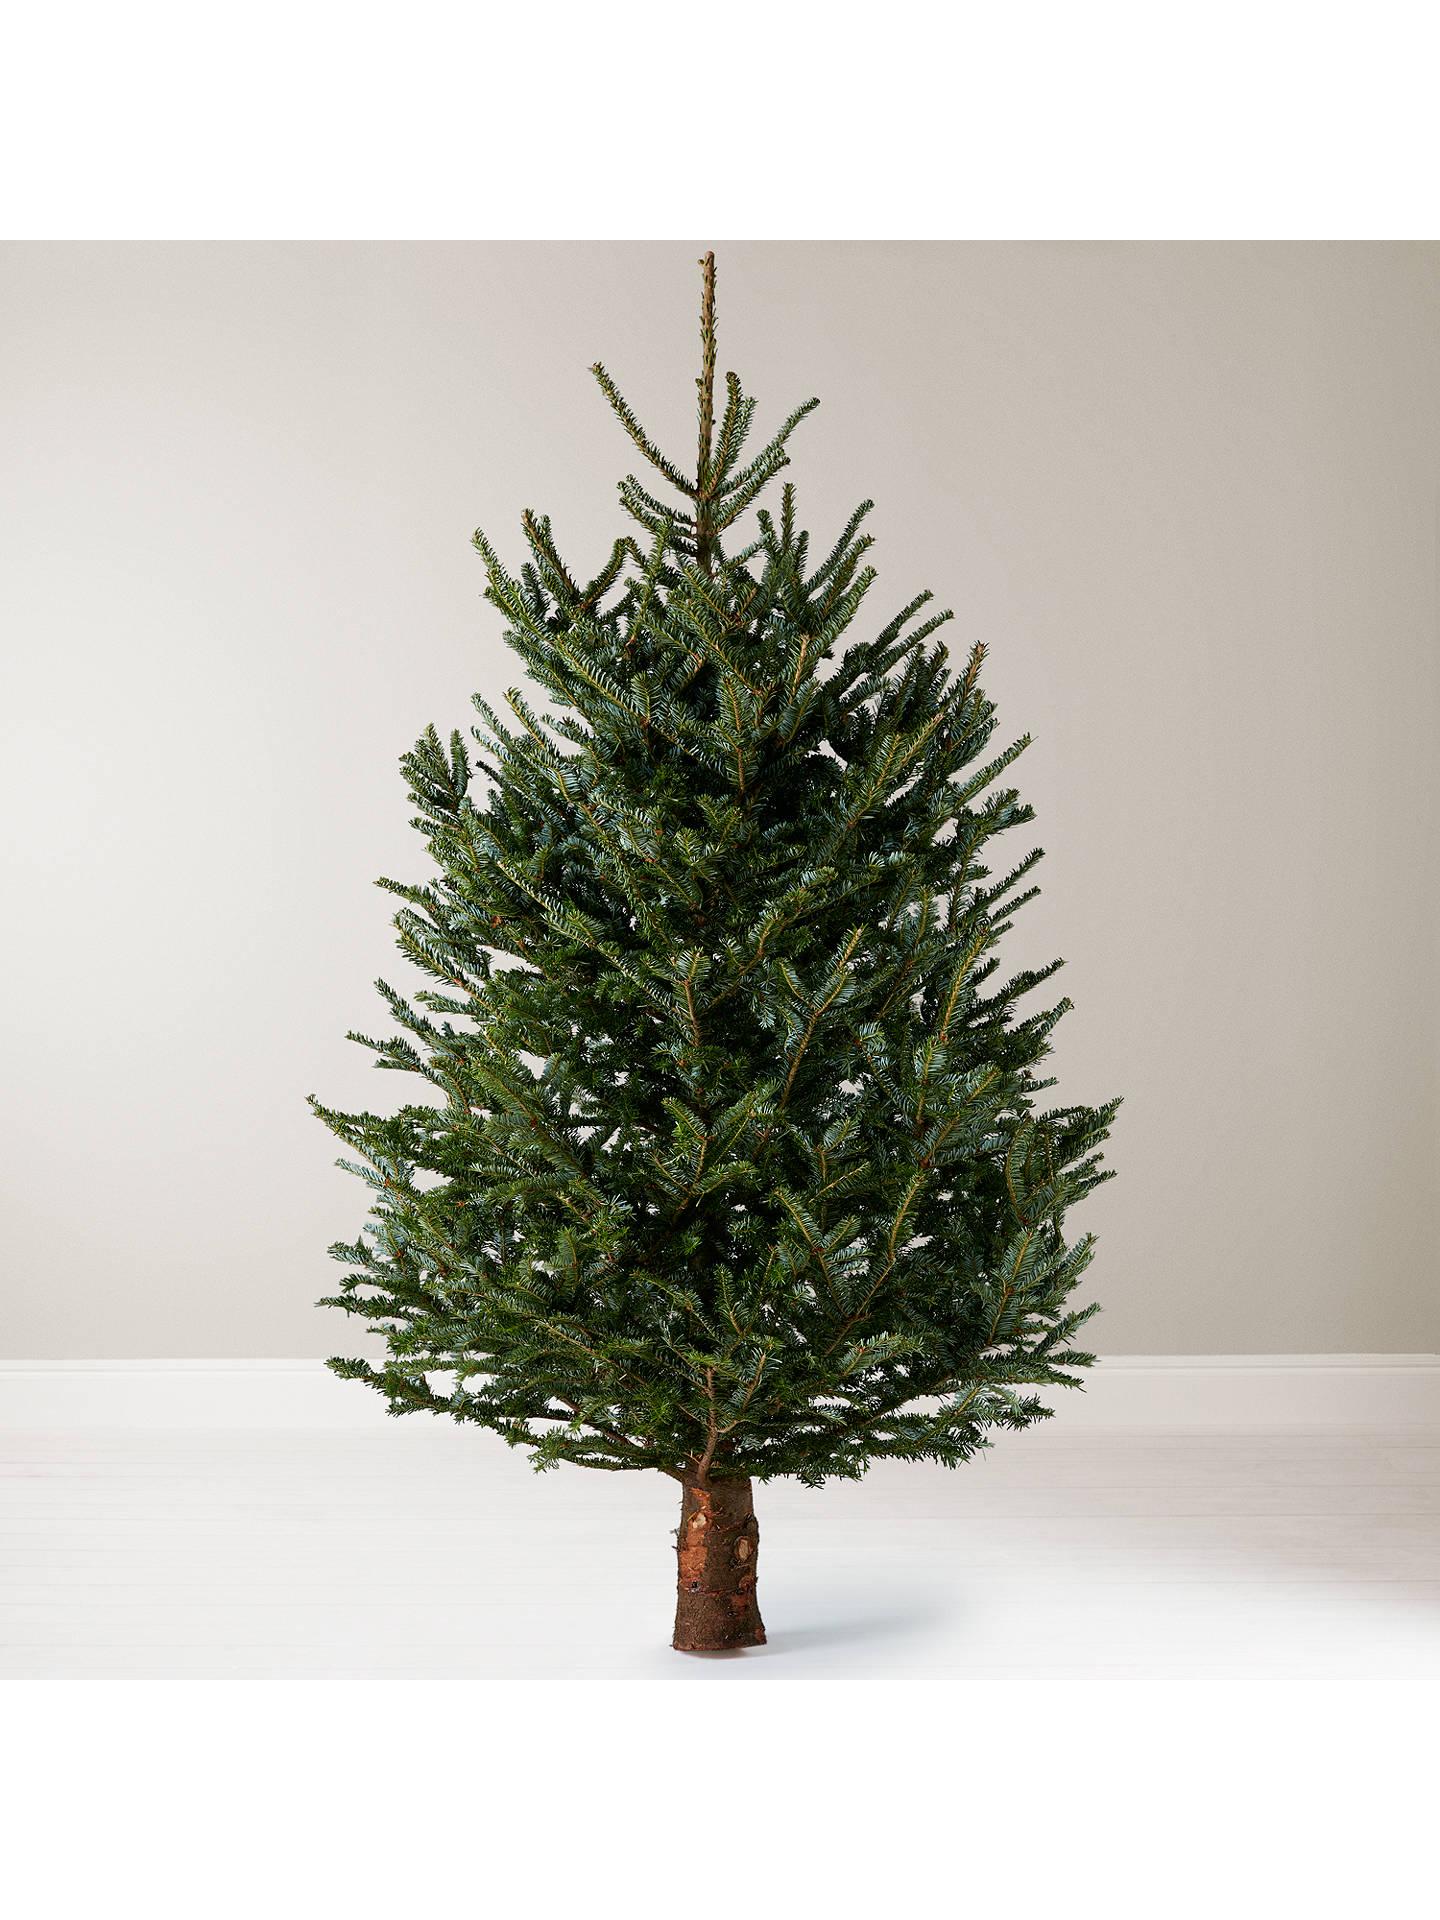 Fraser Fir Christmas Trees.John Lewis Real 6ft Fraser Fir Christmas Tree No Stand At